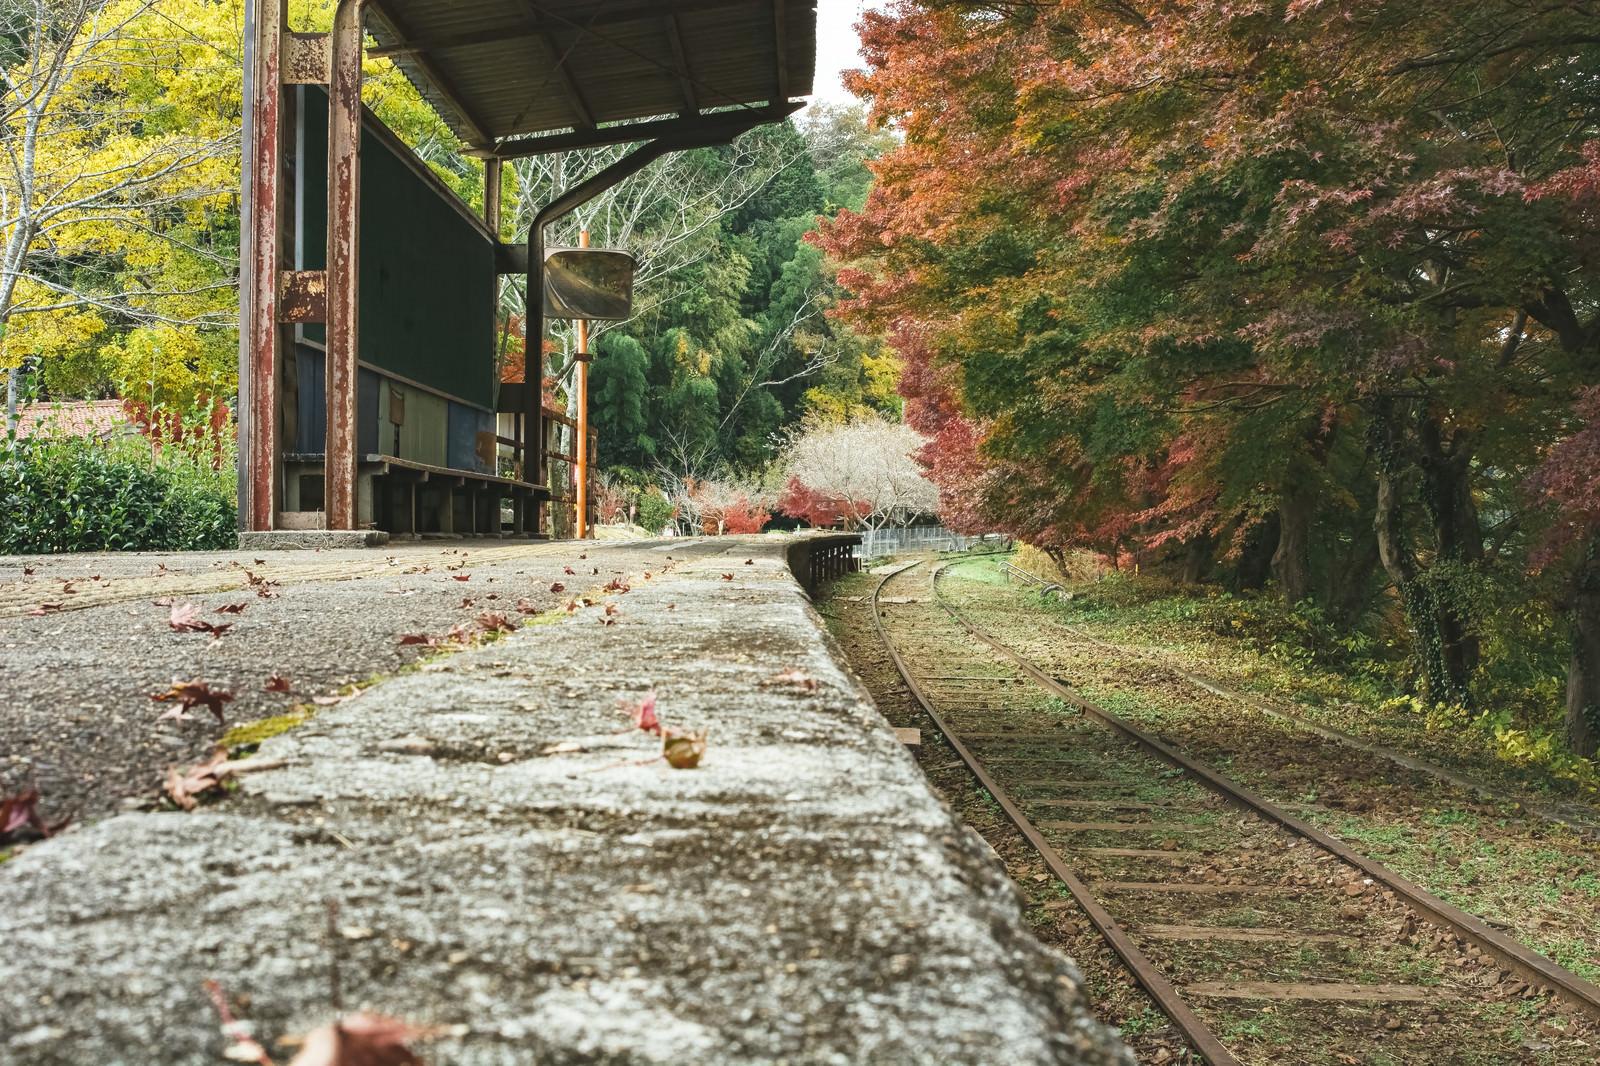 「廃駅のホームに落ちる紅葉」の写真